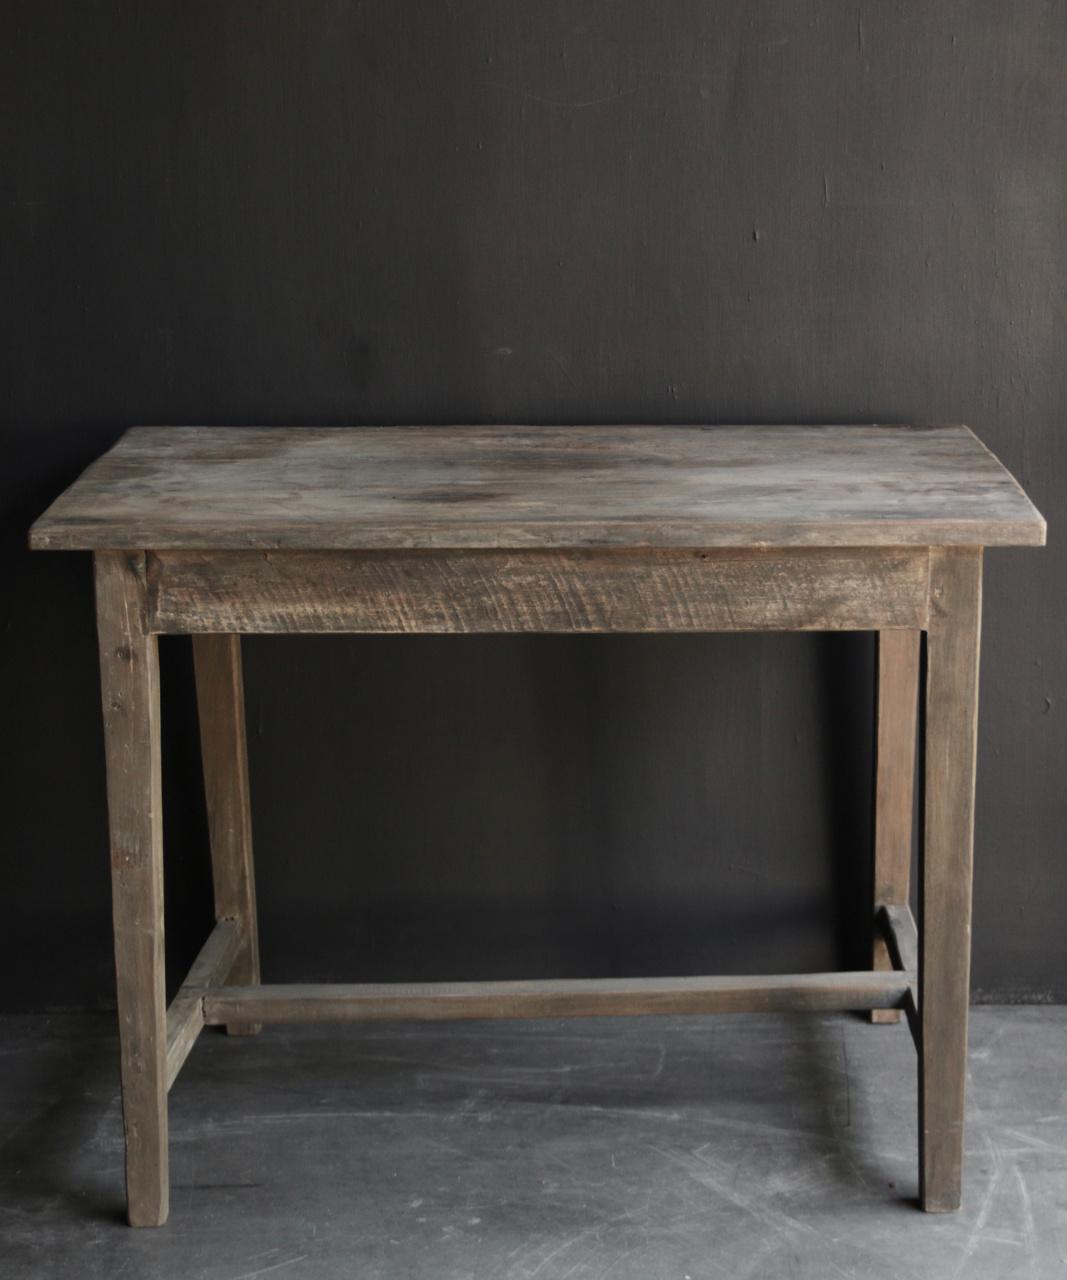 Oud Authentiek stoer klein driftwood  houten tafeltje-3